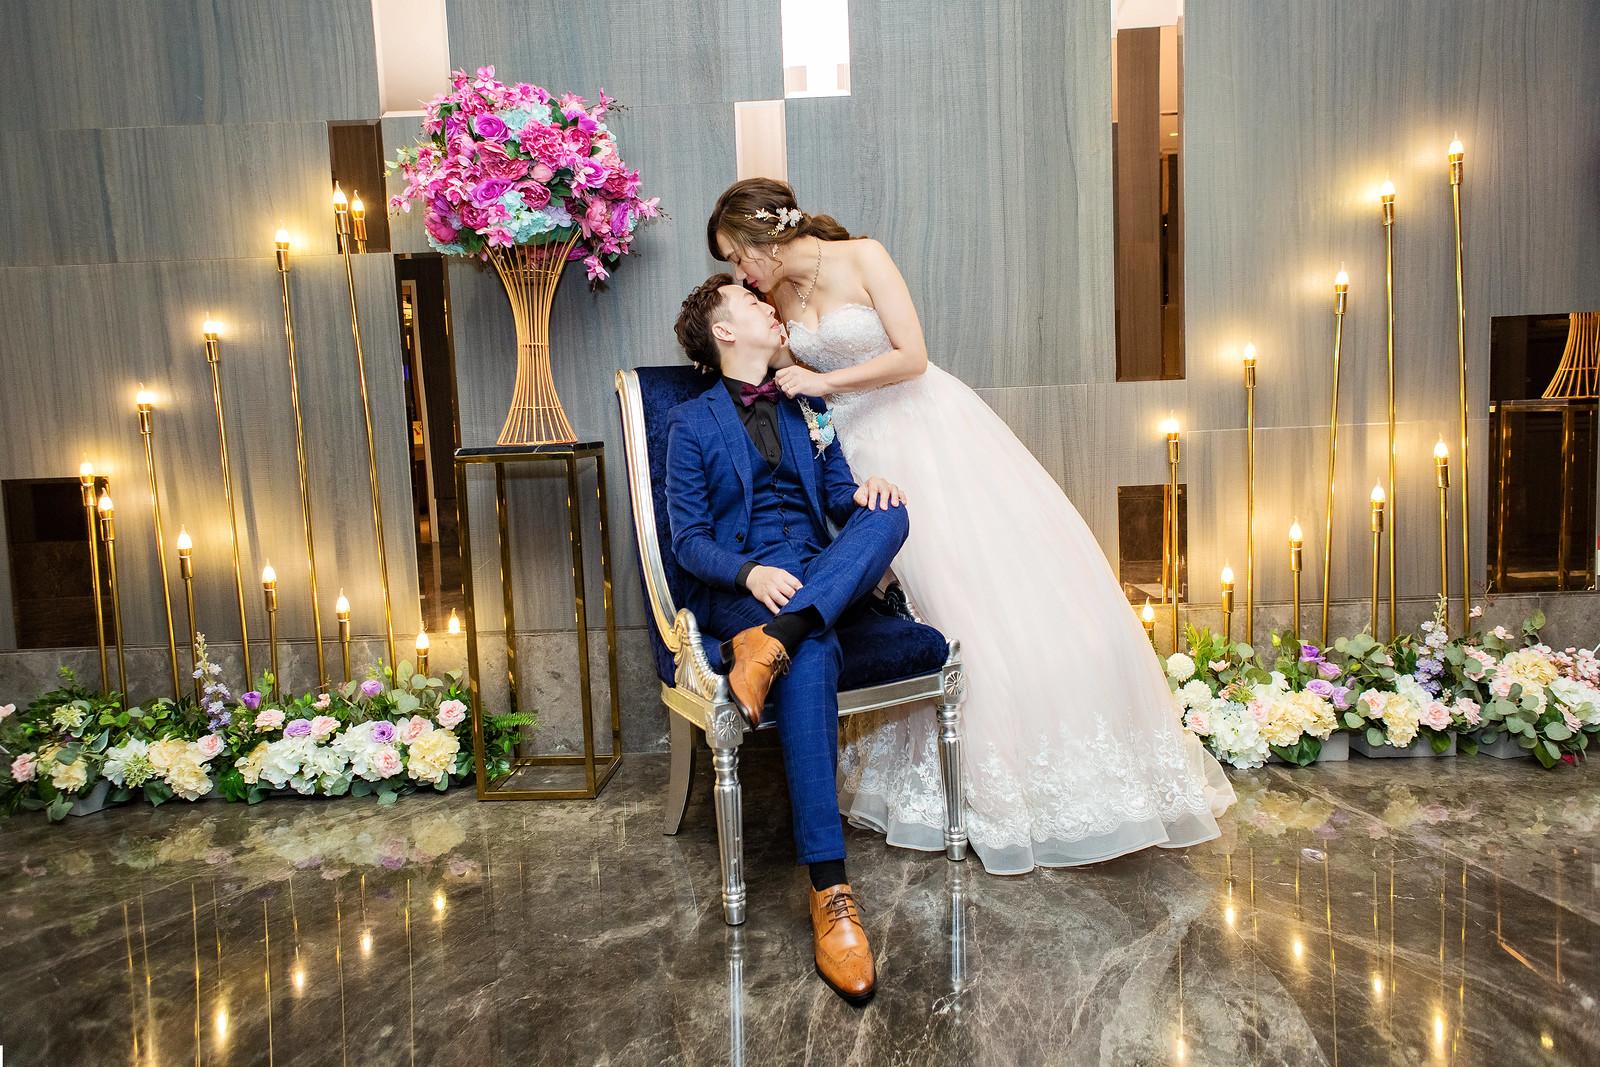 [婚攝] 恒嘉 & 盈今 台南夢時代雅悅會館搶先看 | 儀式宴客| 婚禮紀錄